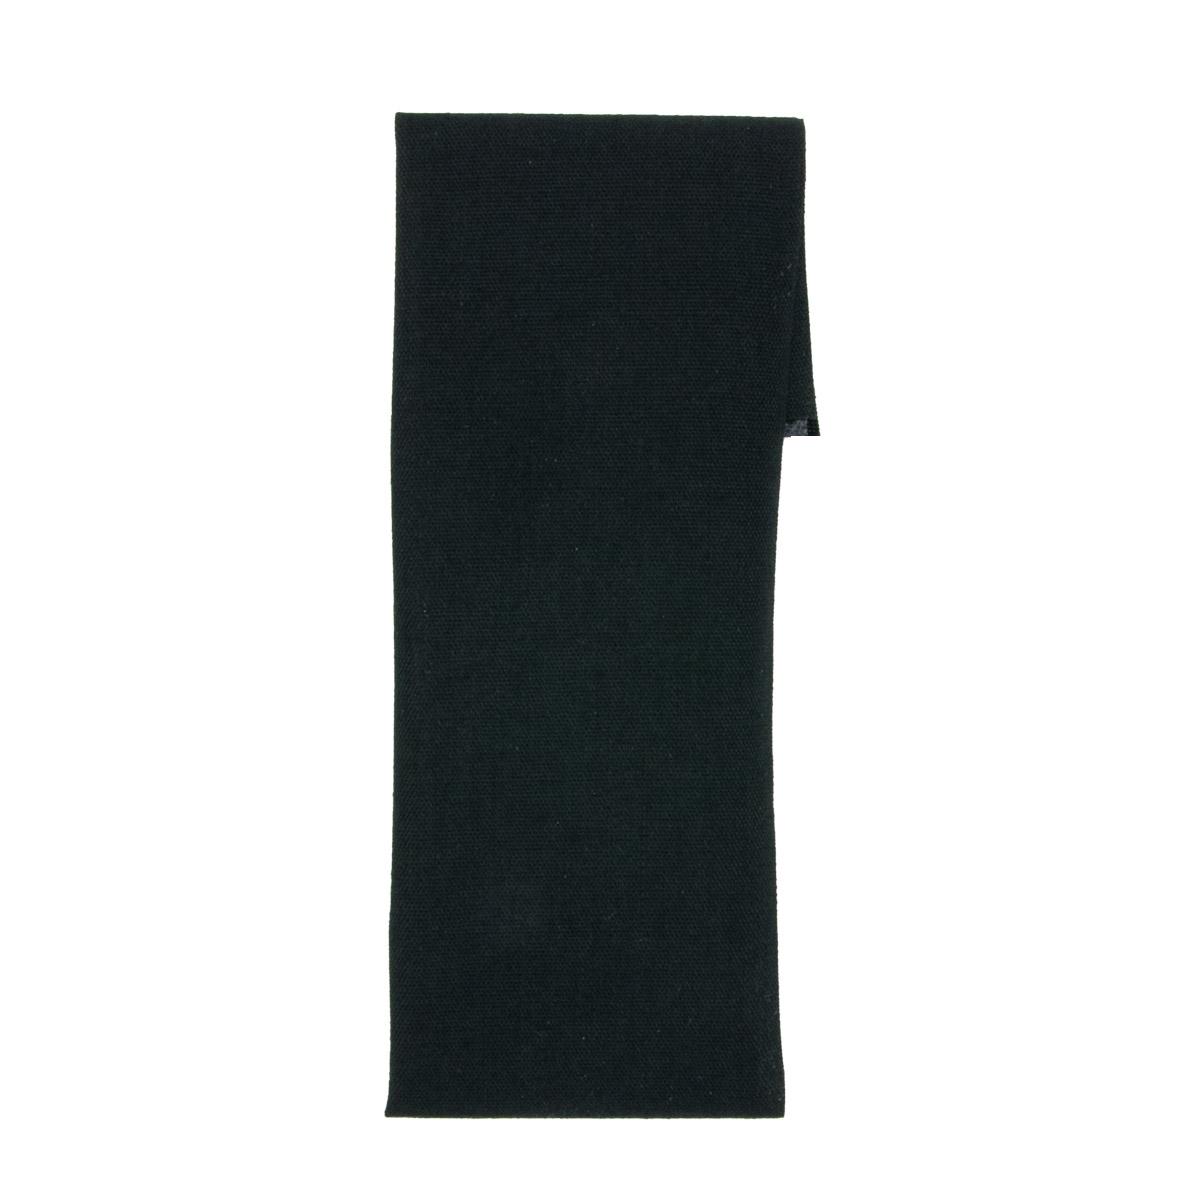 Ткань для заплаток, 27см*7,5см, черная 810251, Hobby&Pro